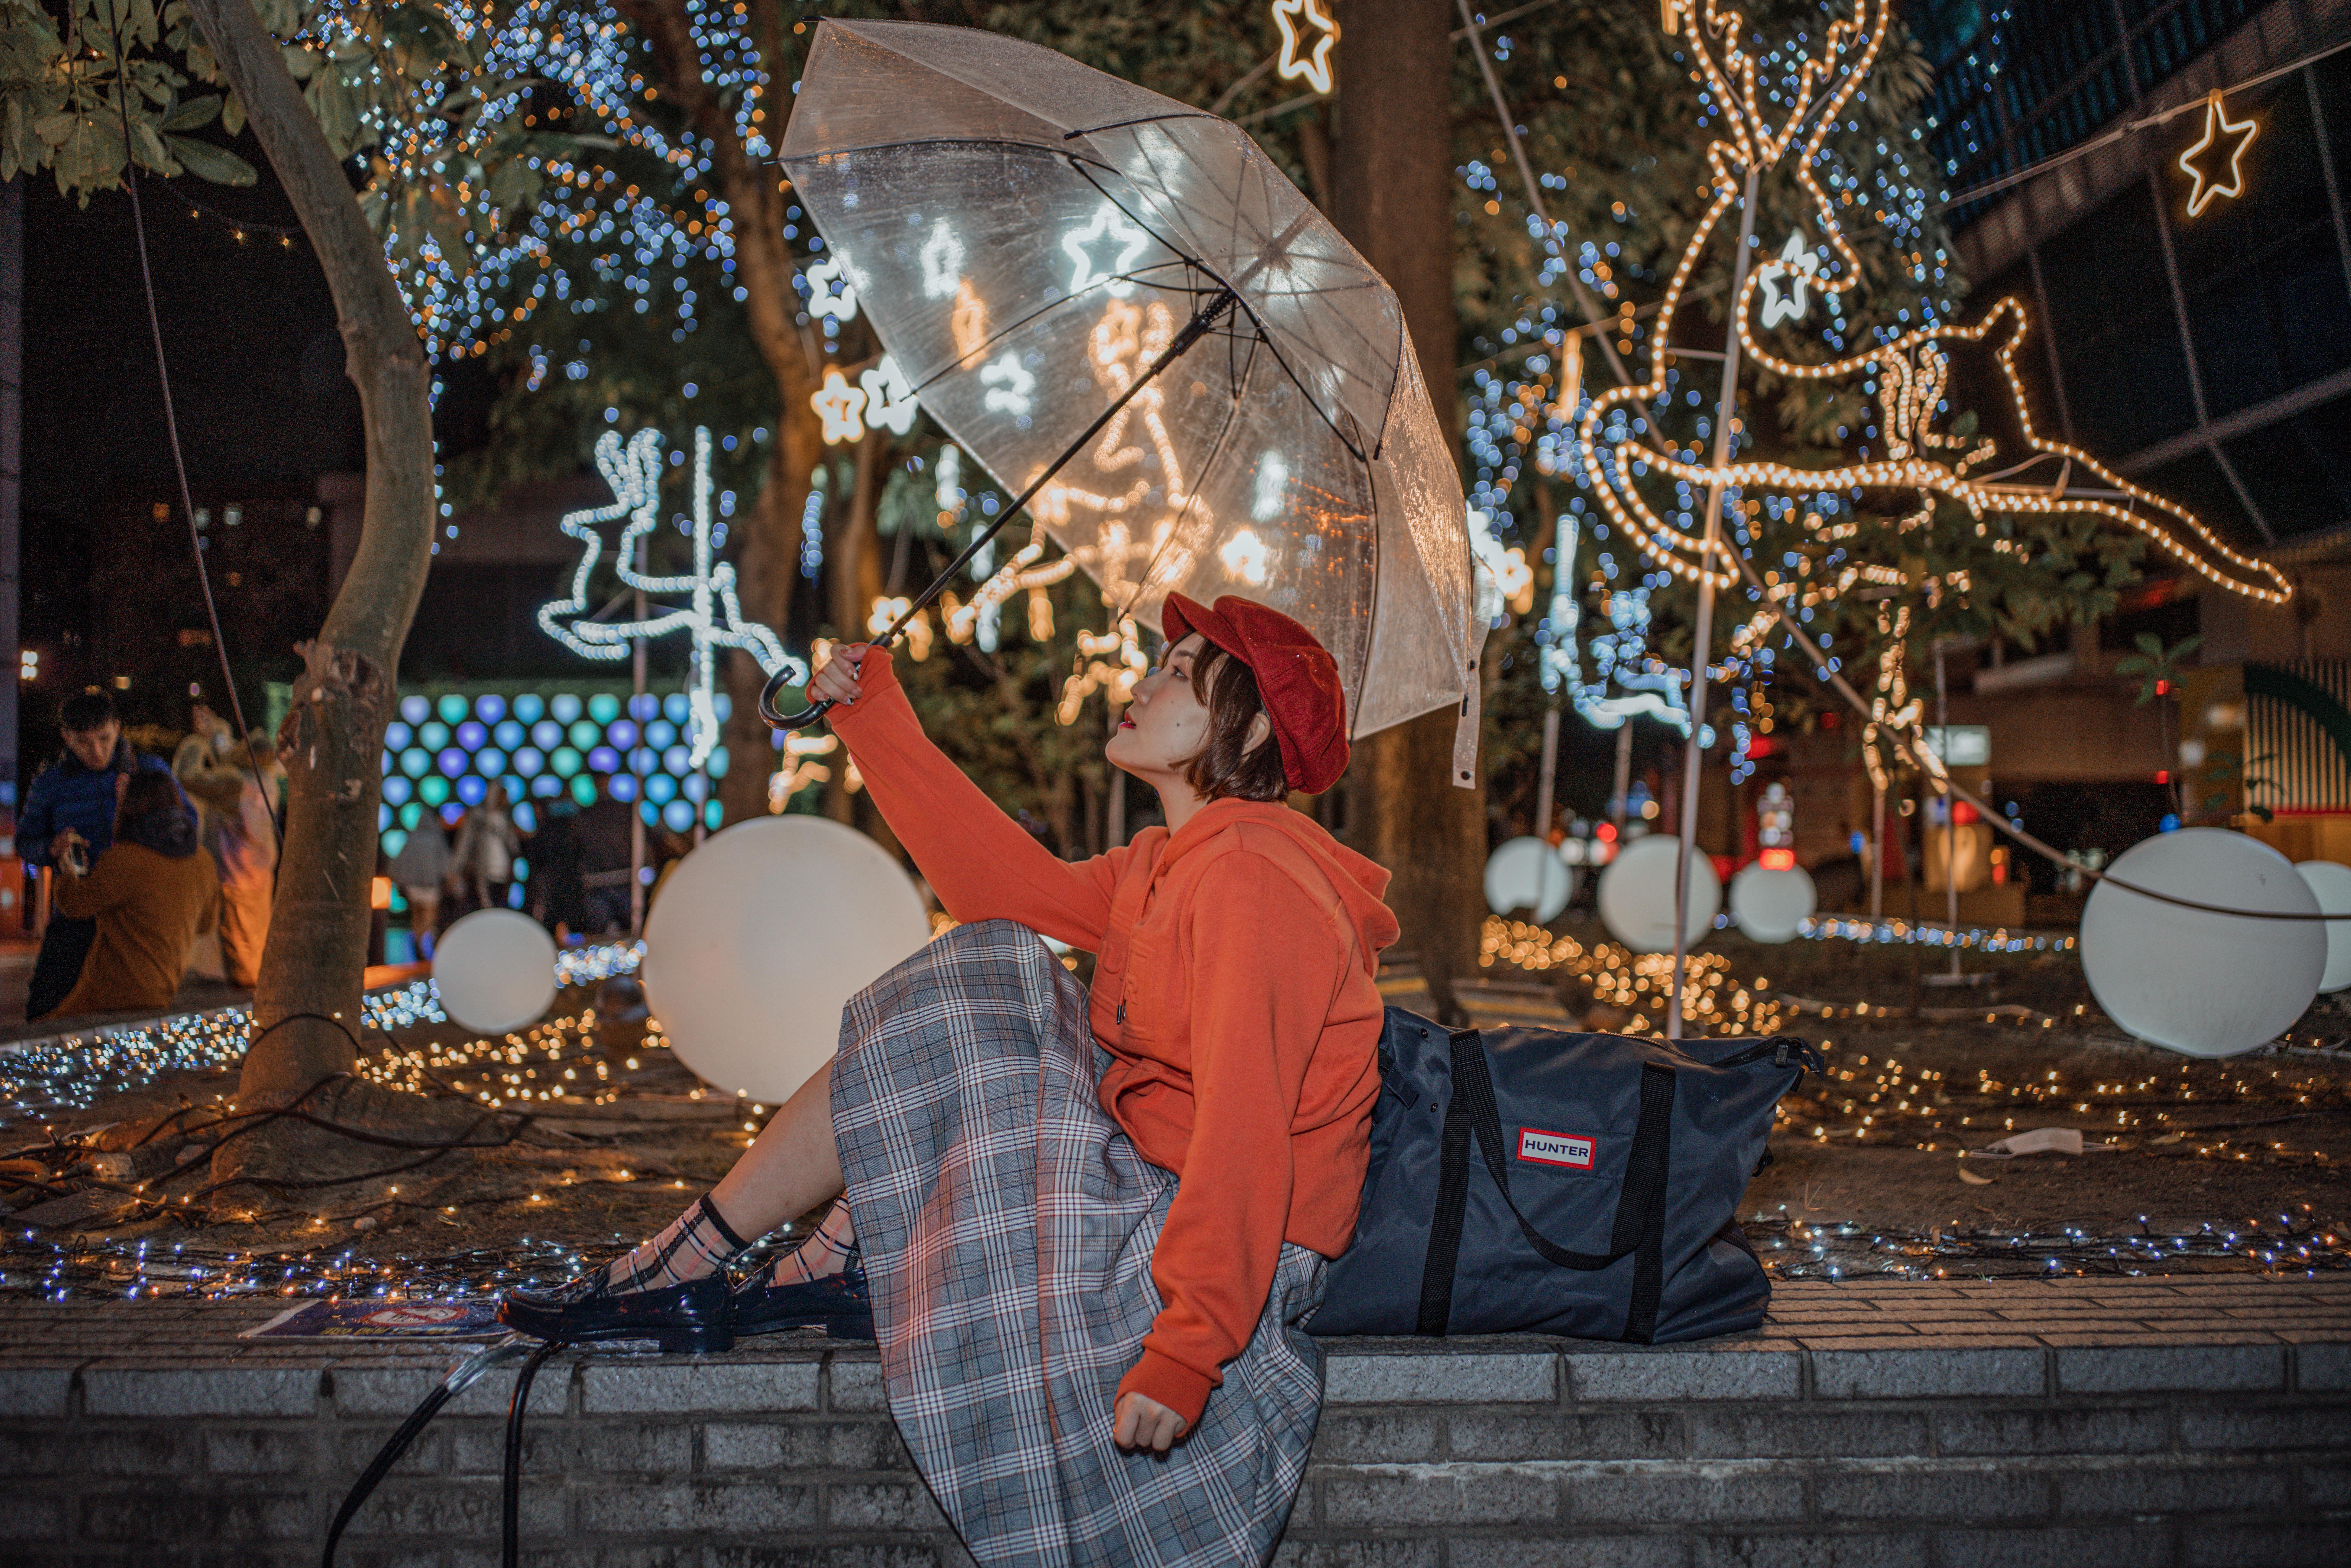 HUNTER 雨鞋穿搭|來自英國皇室認證的百年品牌|防水包款/雨鞋/ 帽T穿搭 HUNTER 連帽上衣 / 橘紅